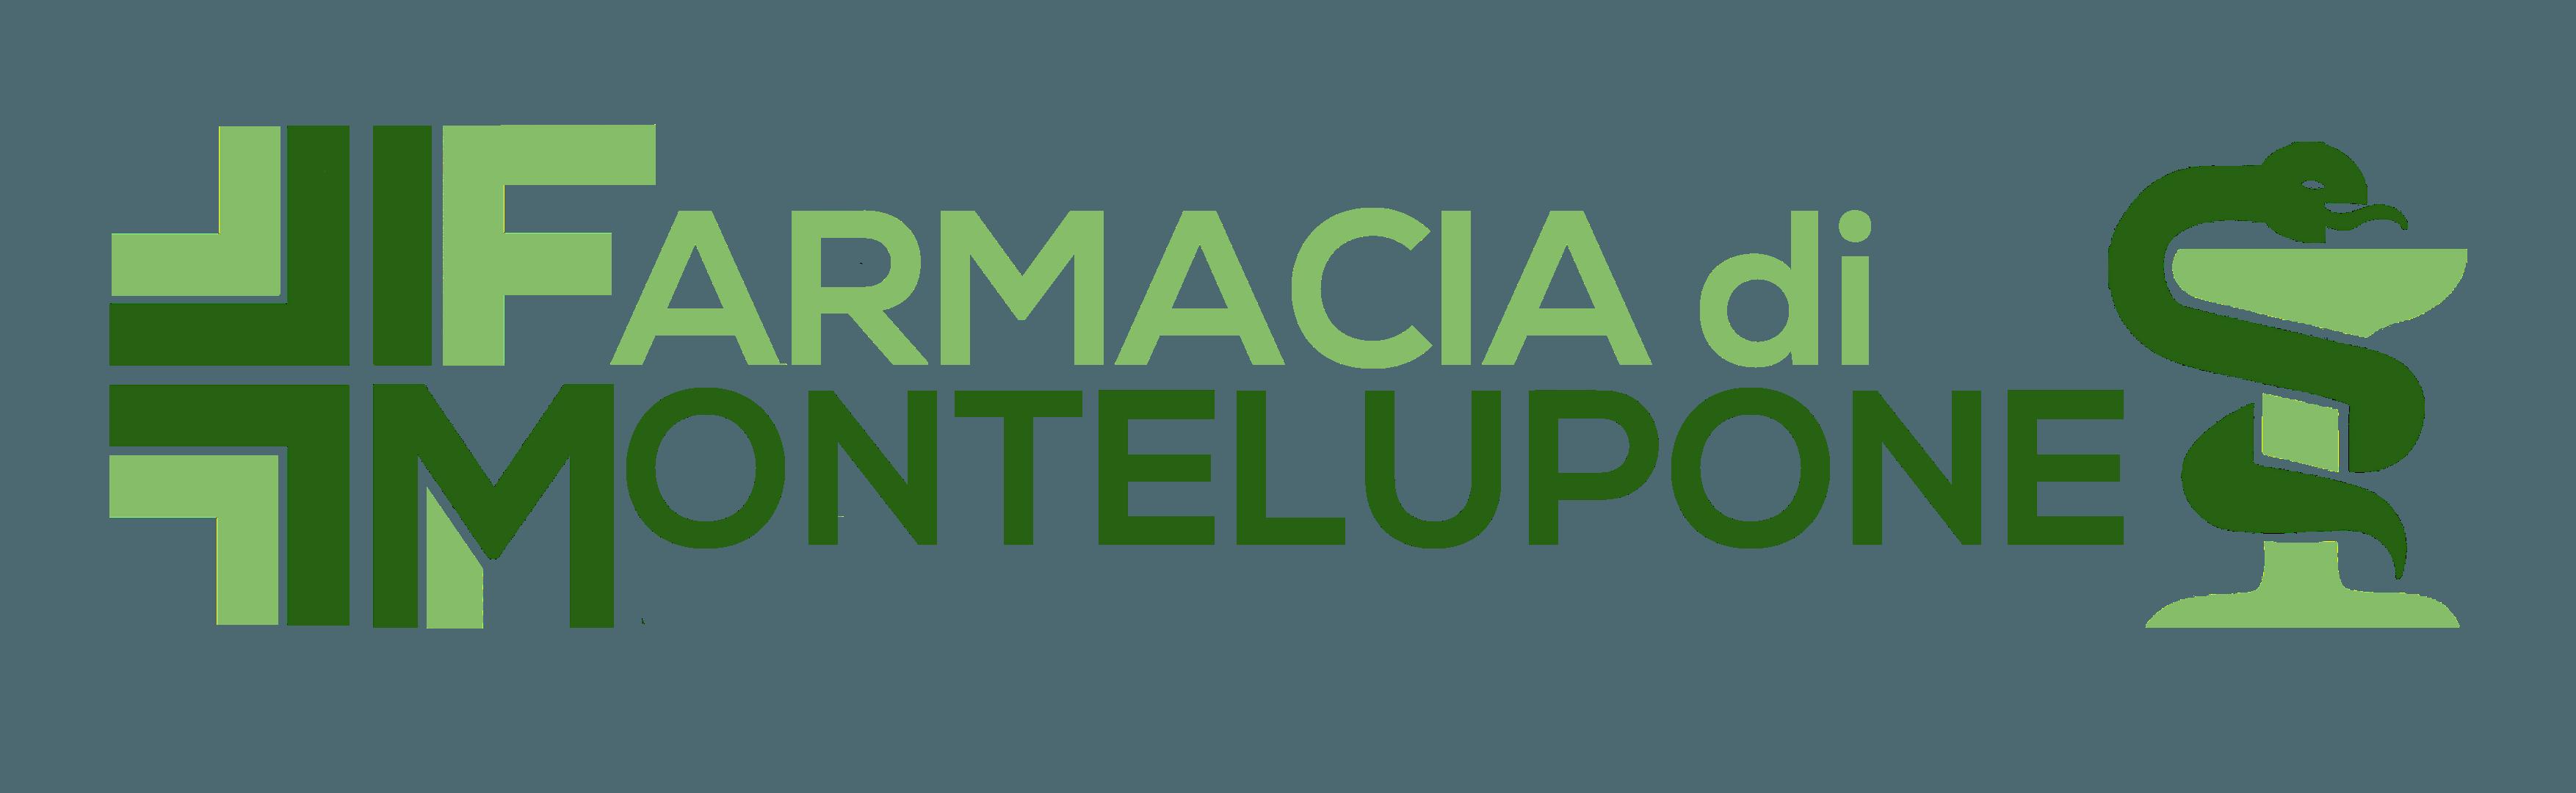 Farmacia Montelupone